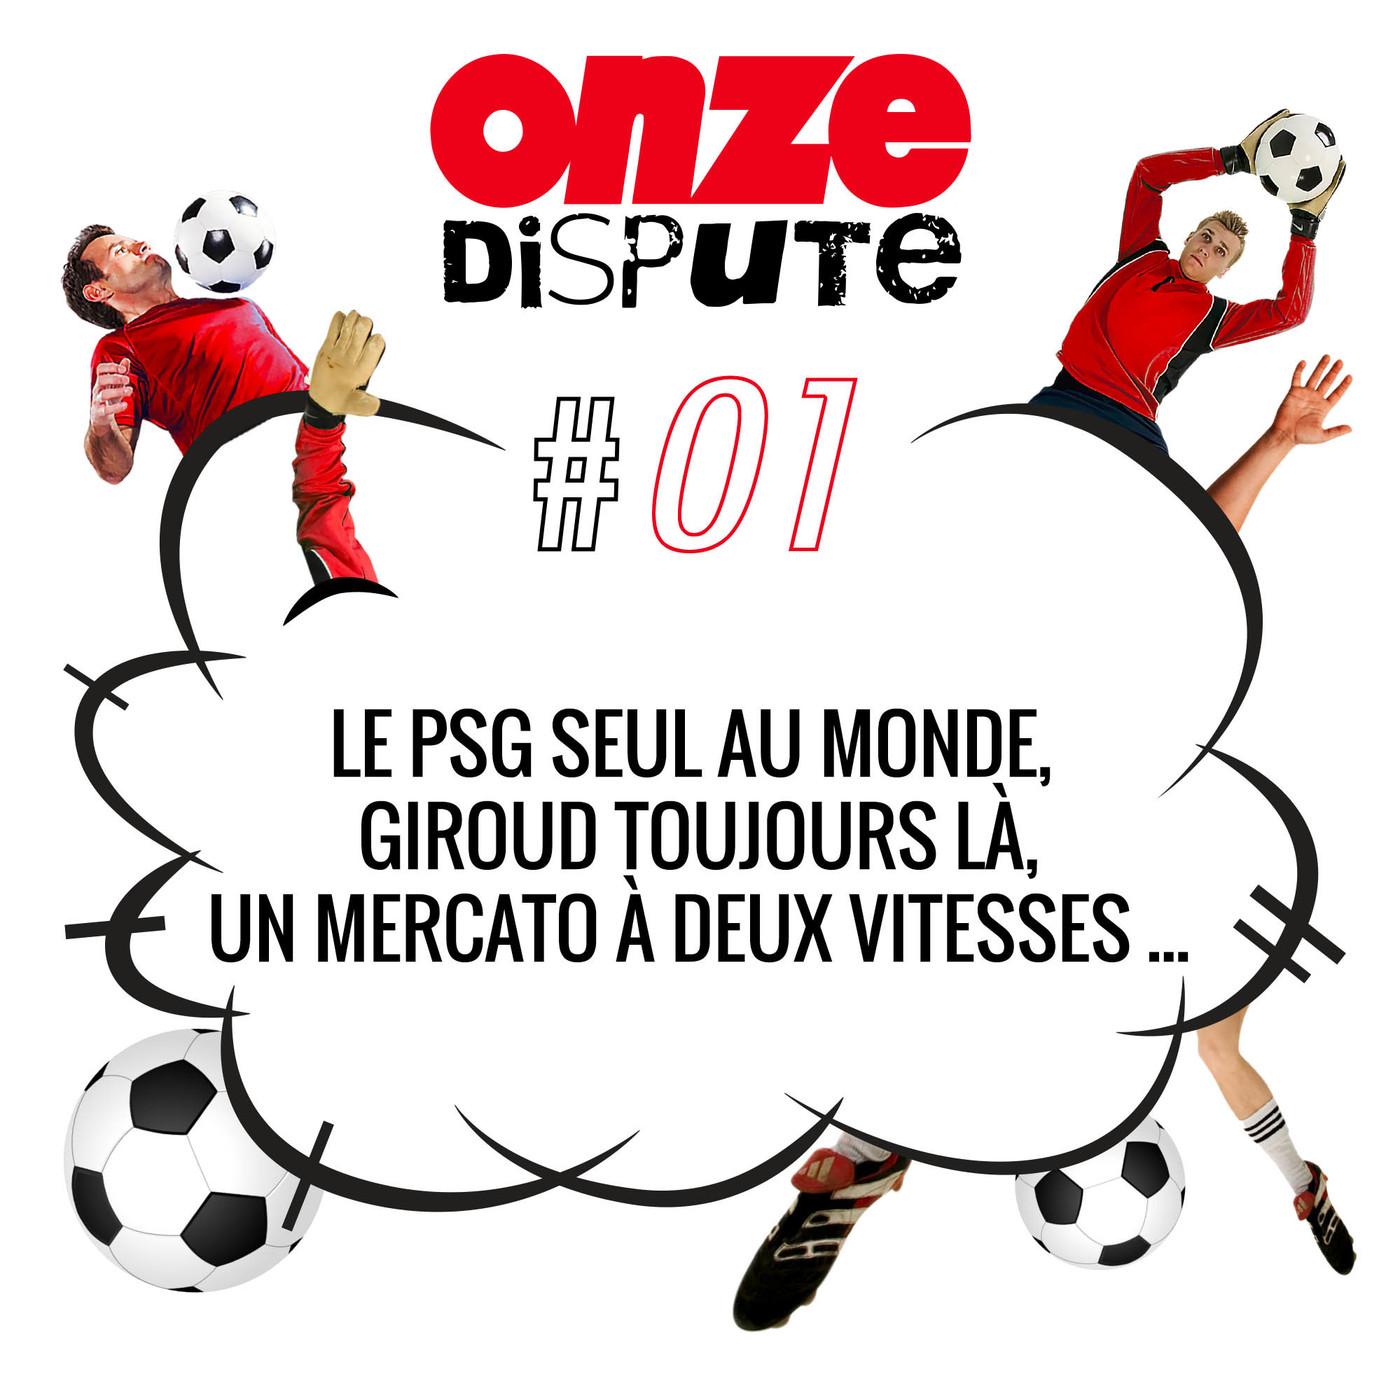 #1 Le PSG seul au monde, Giroud toujours là, un mercato à deux vitesses